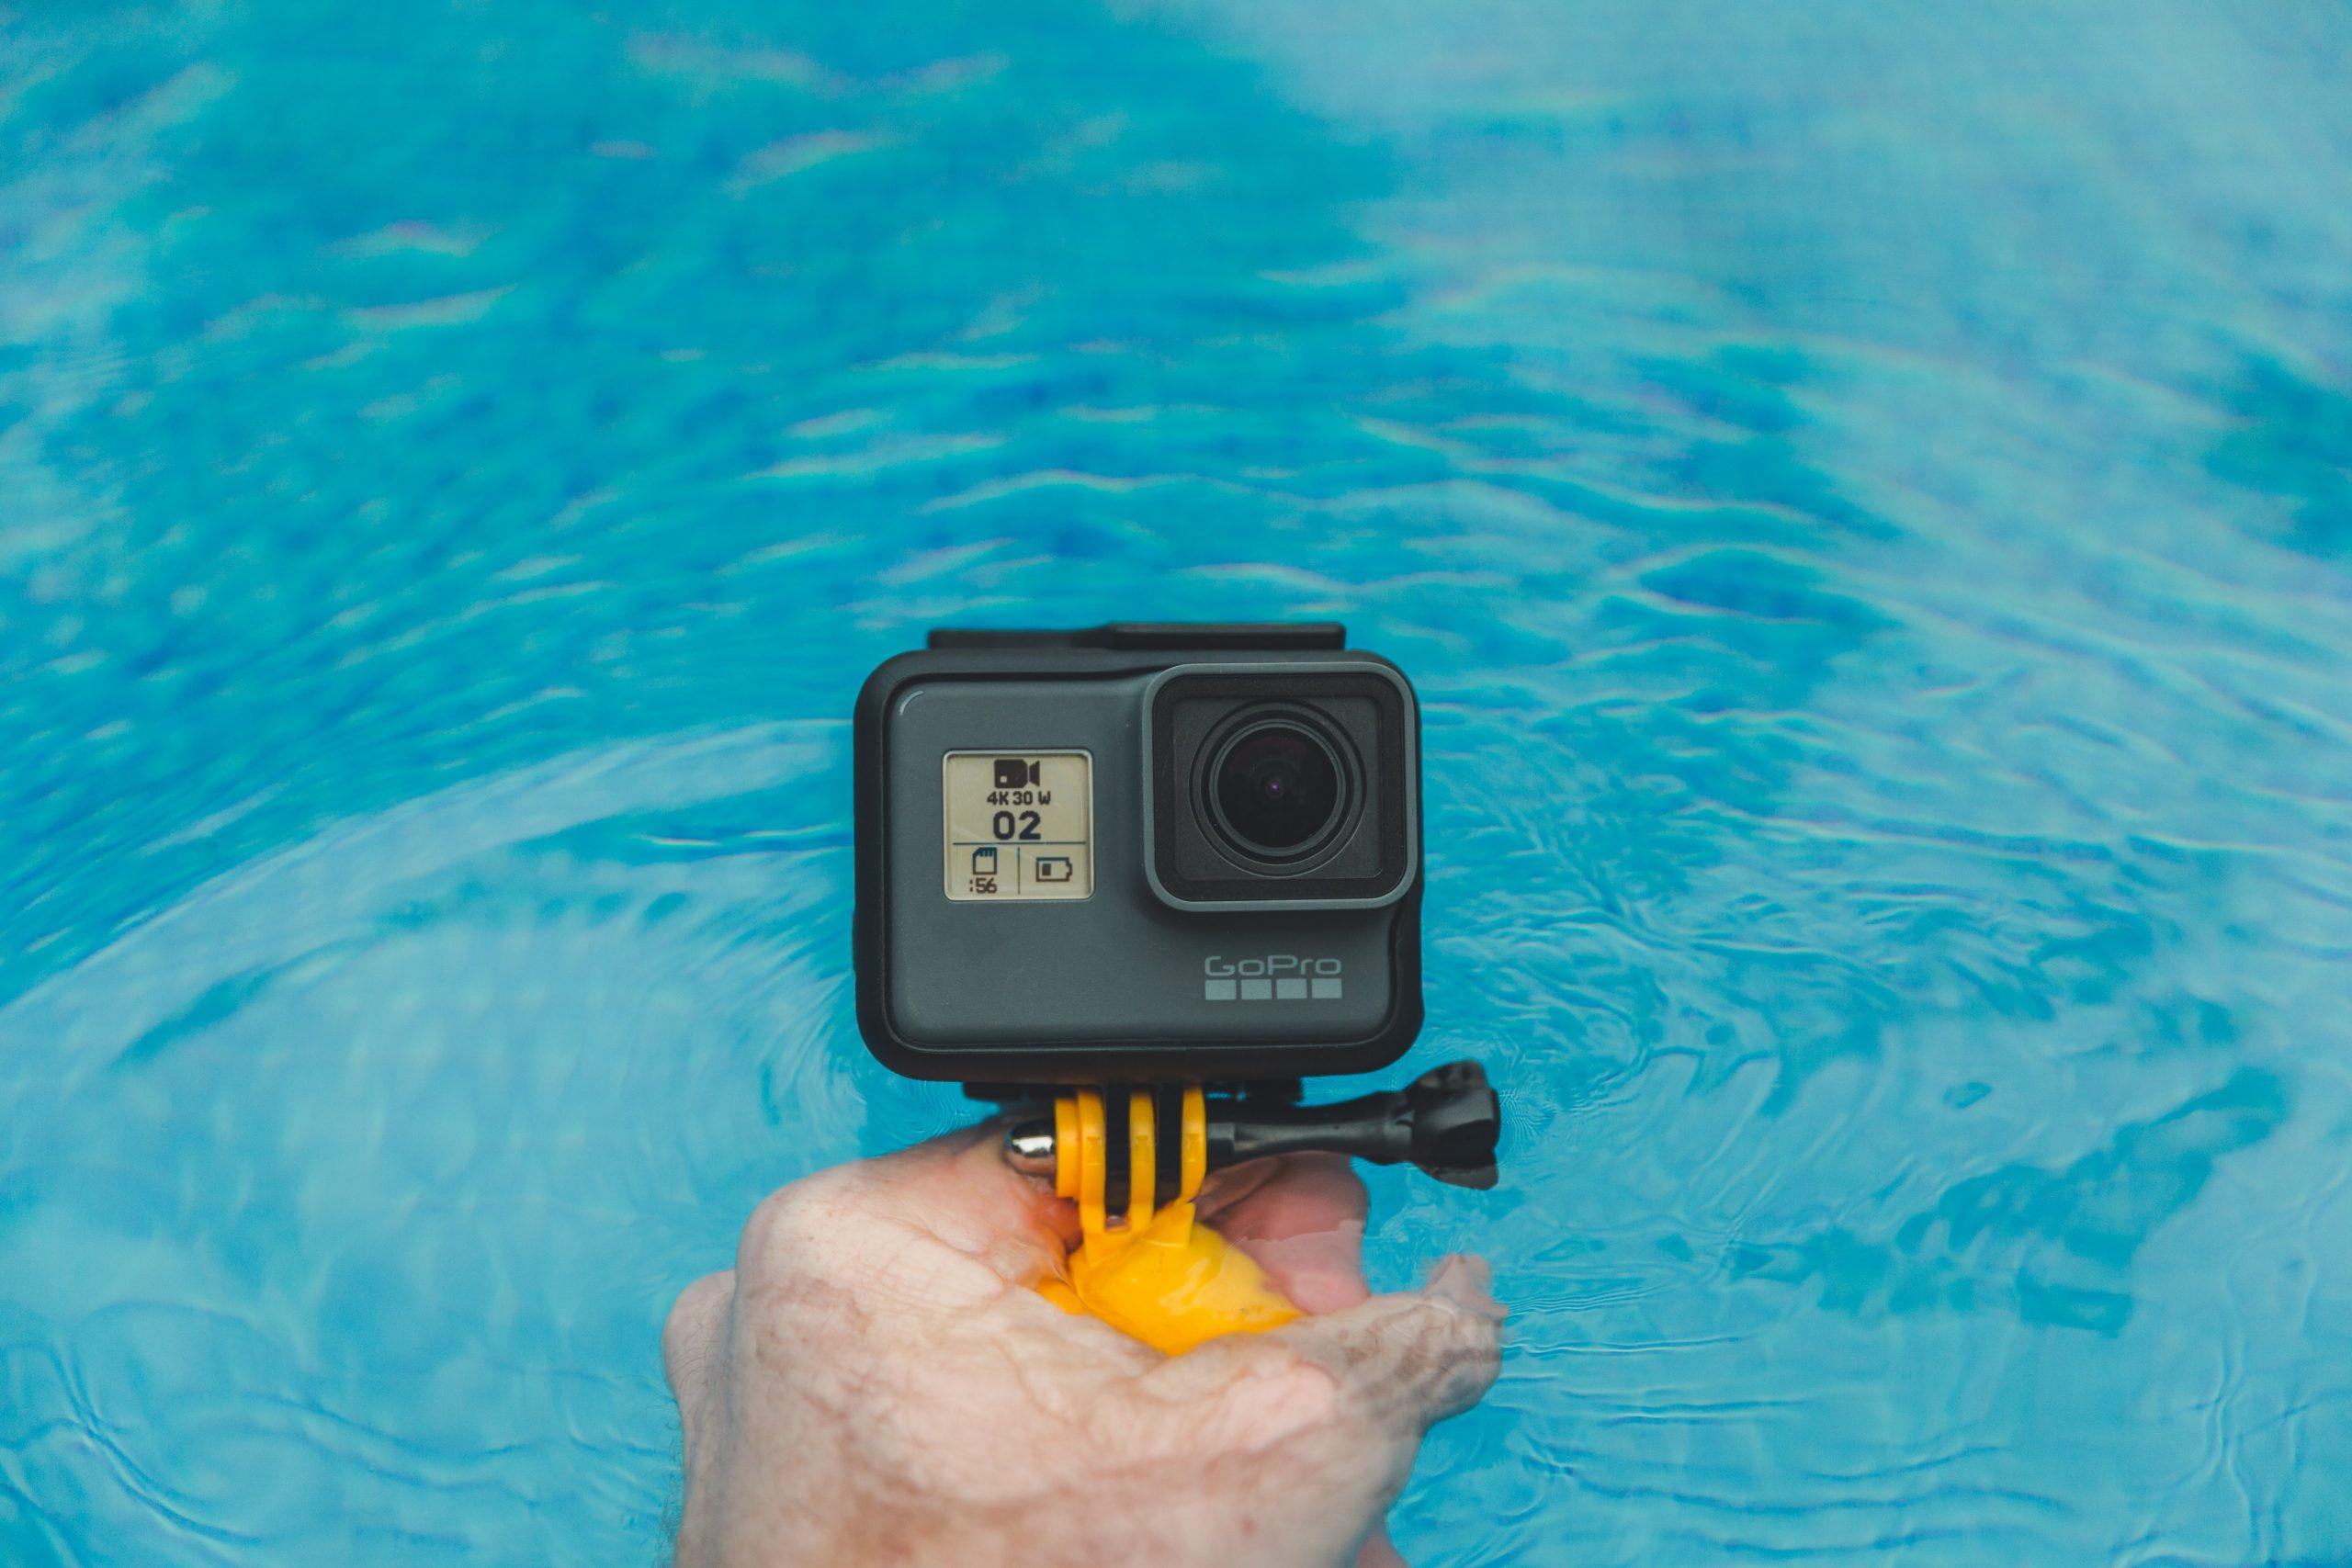 Imagem mostra uma câmera Go Pro com um bastão flutuante sendo segurado pelas mãos de alguém.